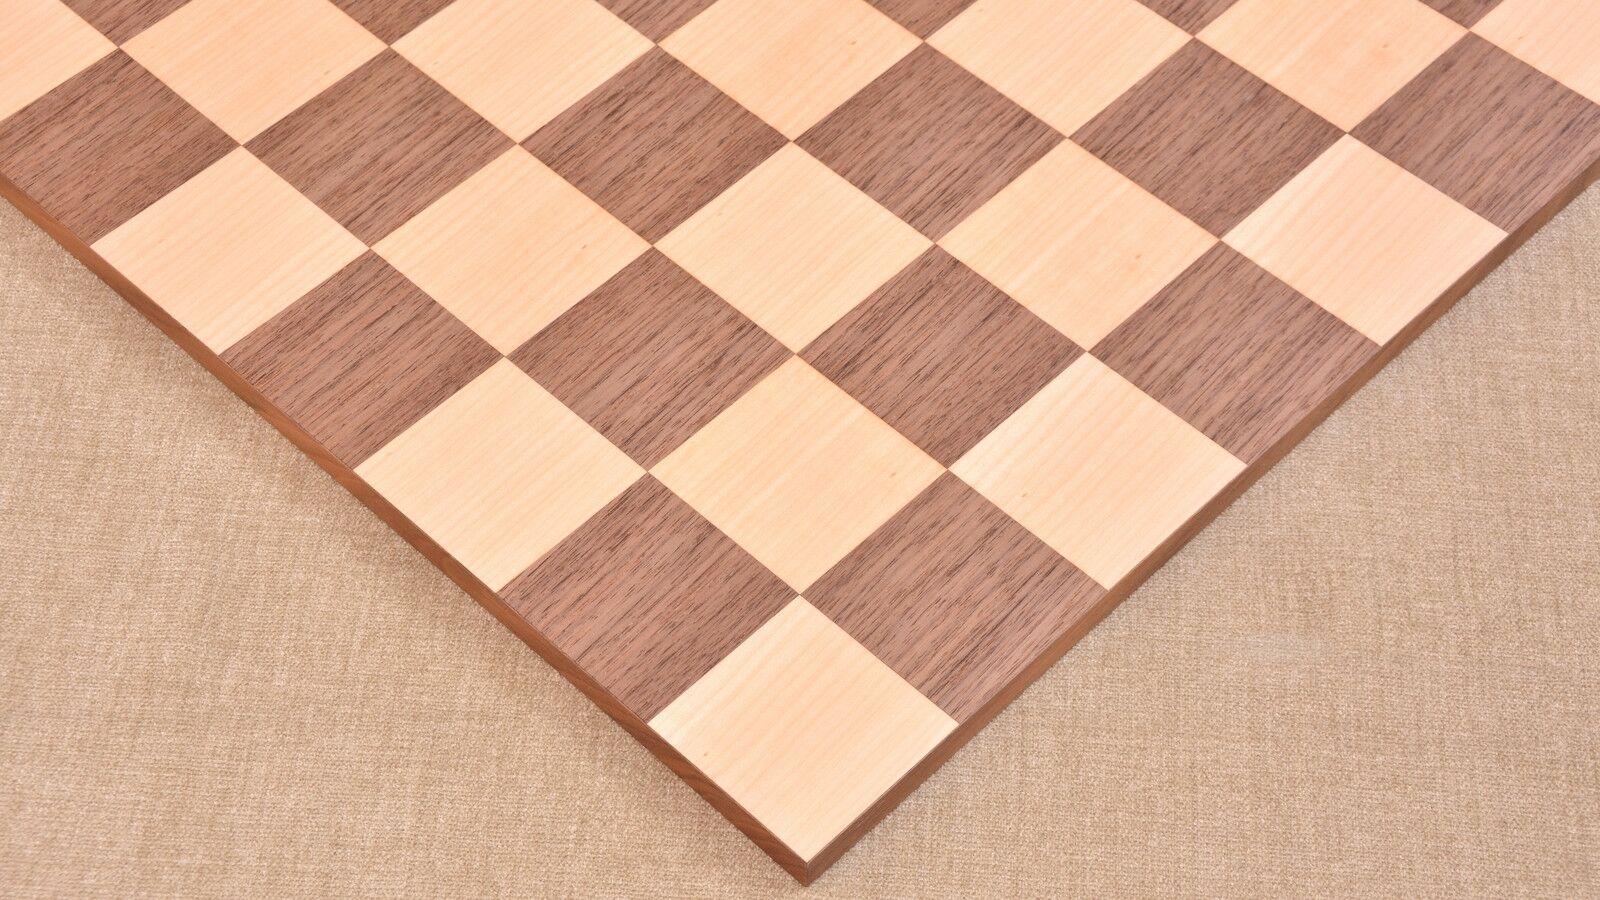 New Minimalist Walnut Walnut Walnut Maple Chess Board Matte Finish Borderless ChessBoard B1025 d5f1cd